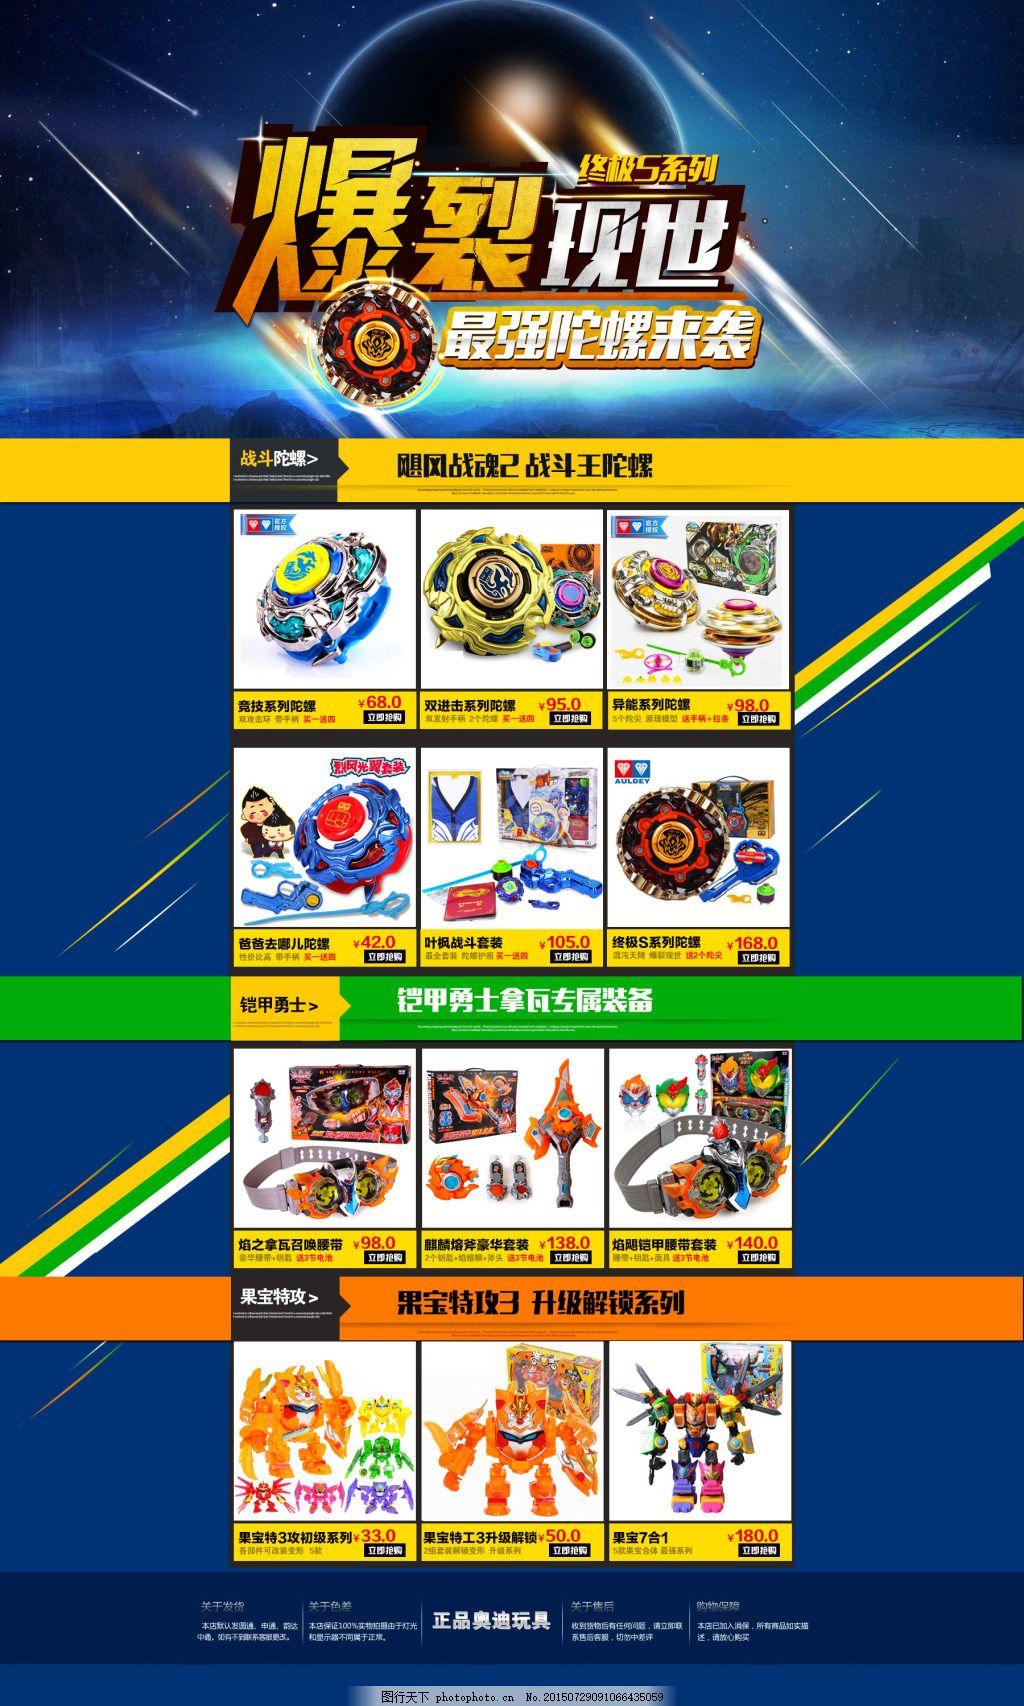 淘宝精品儿童玩具店铺首页促销海报 活动海报 大图海报 时尚海报